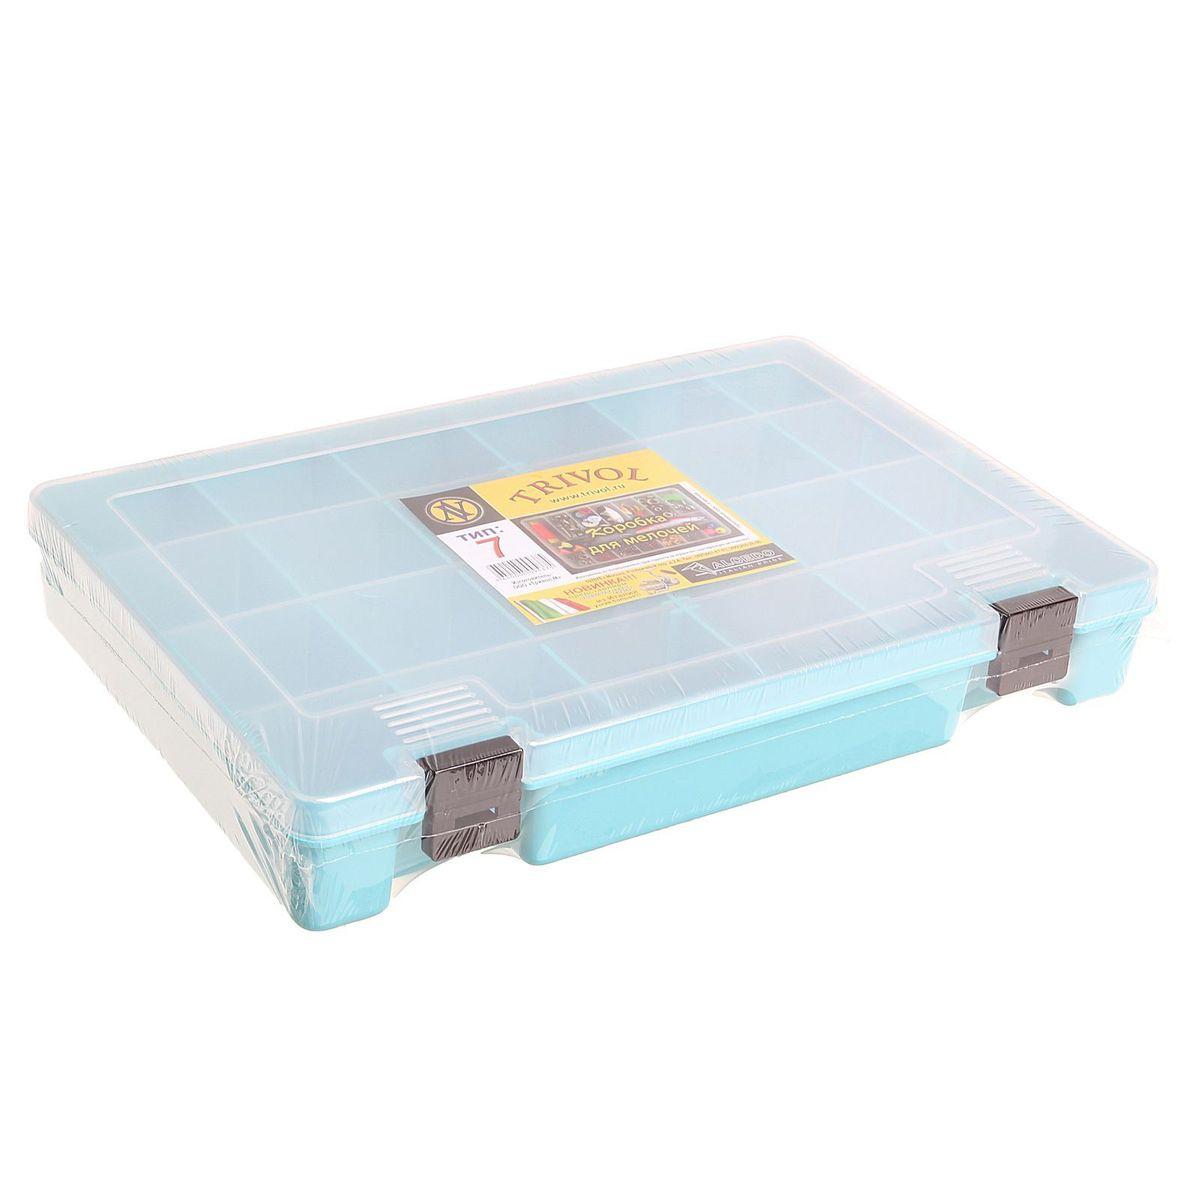 """Trivol / Тривол Коробка для крючков и насадок """"Тривол"""", цвет: голубой, 27,4 х 18,8 х 4,5 см 1349044"""